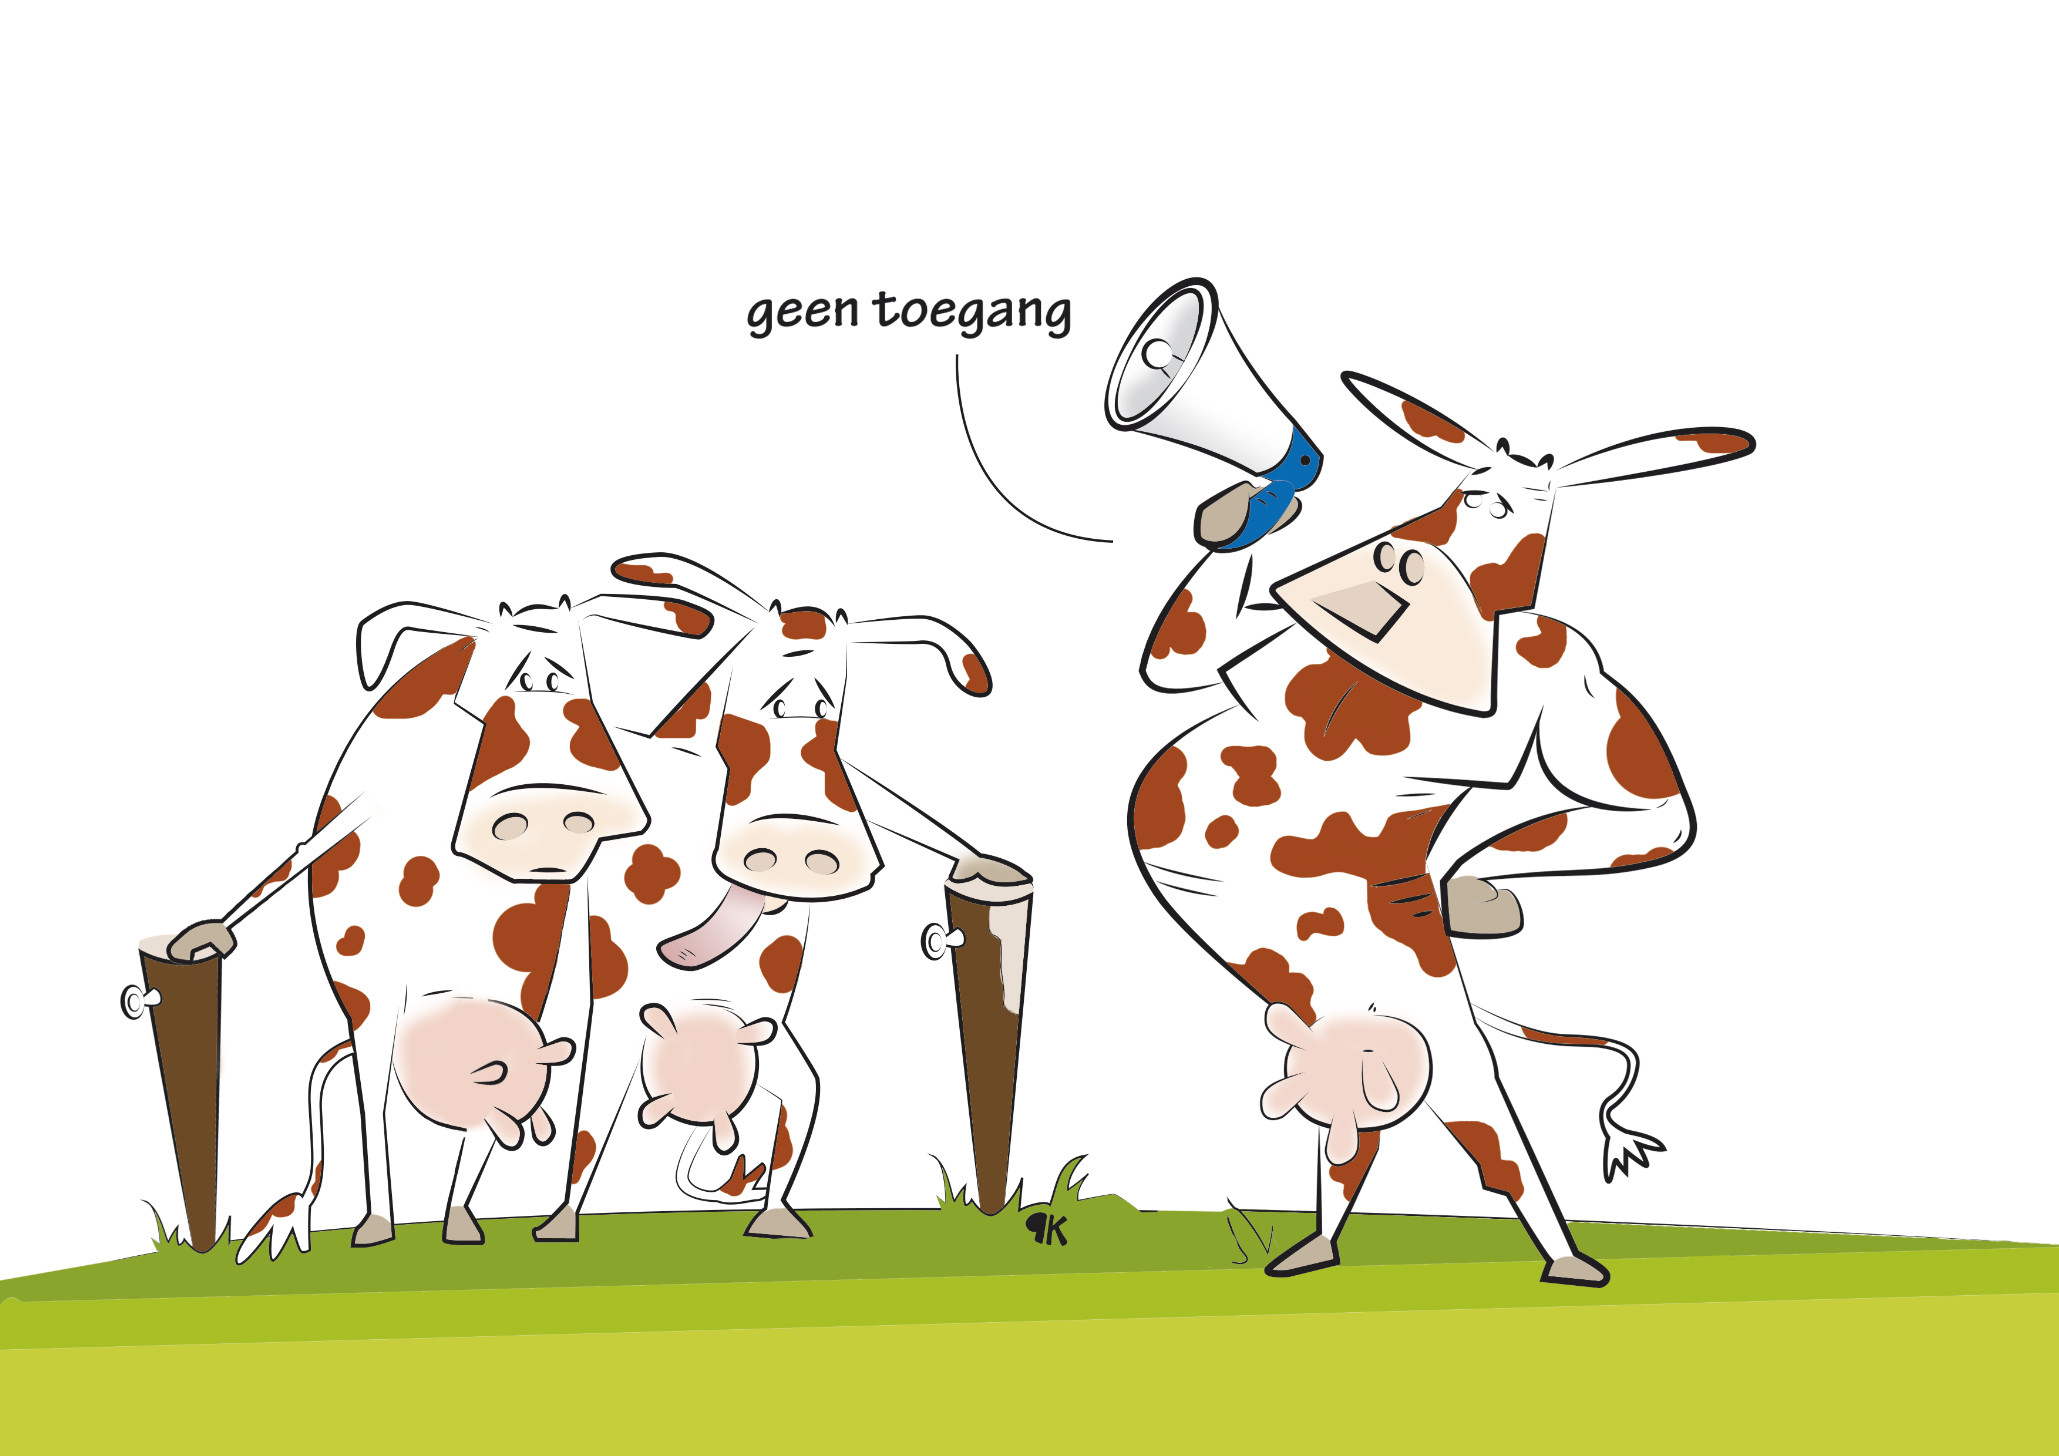 Precisielandbouw: 'Kleinschalig boeren op grote schaal'